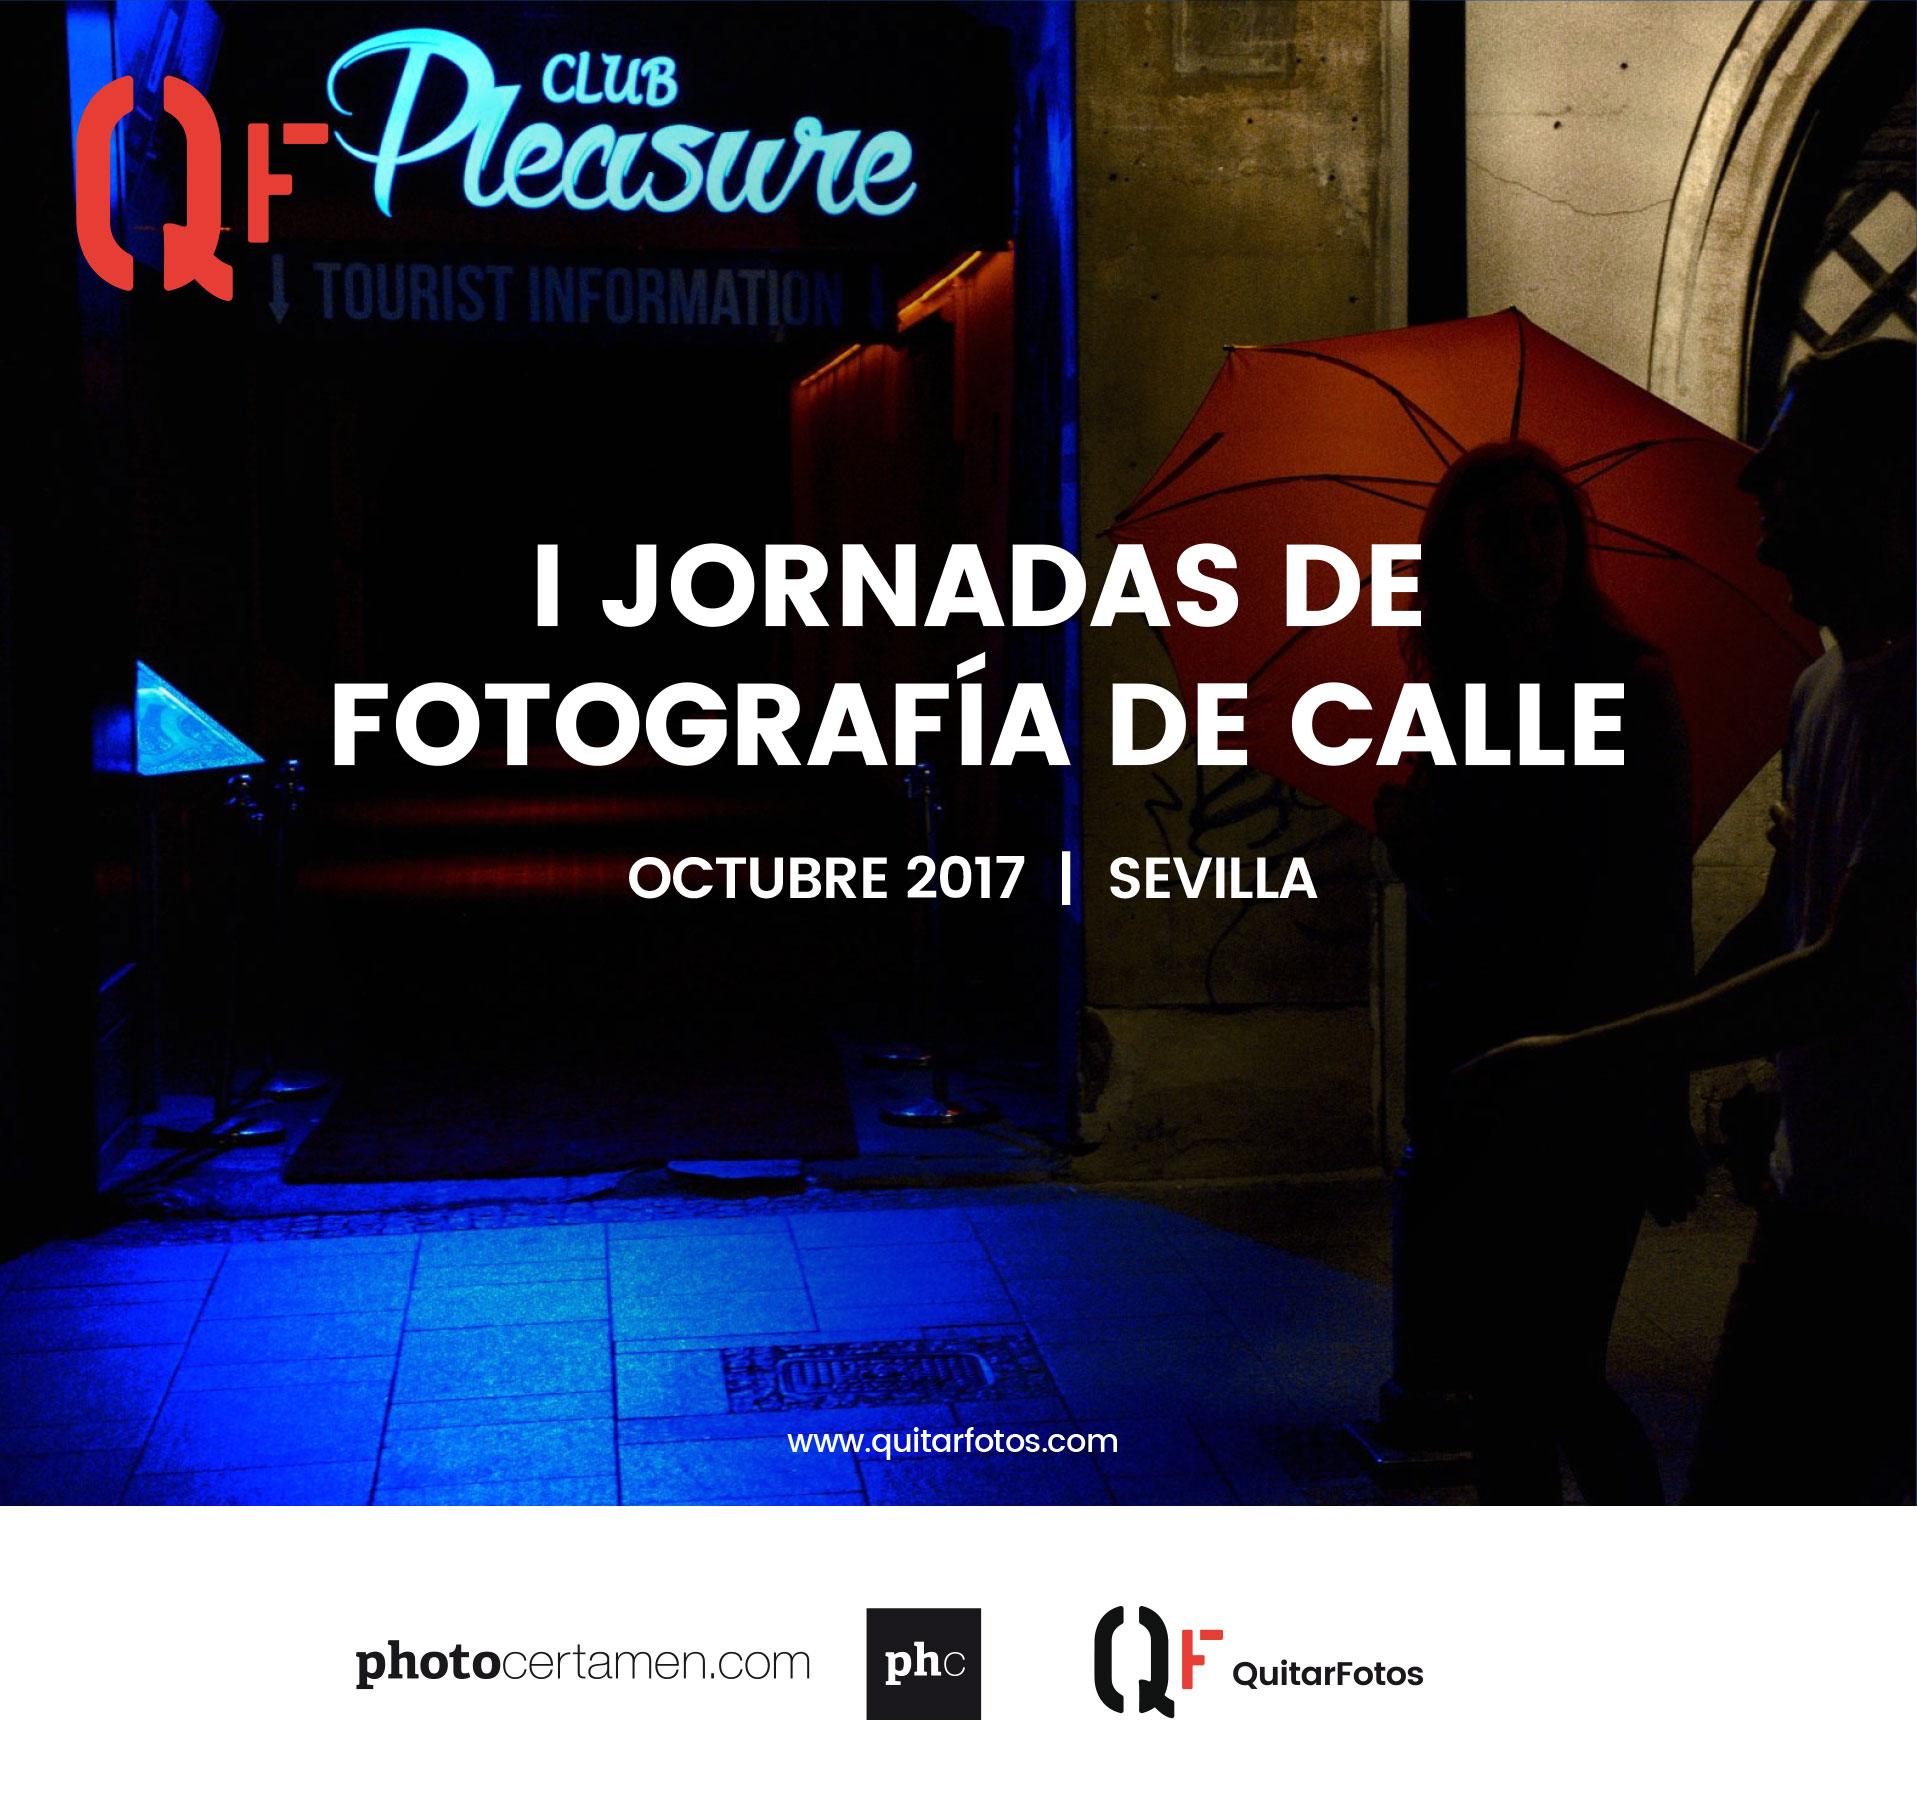 I Jornadas de Fotografía de Calle en Sevilla